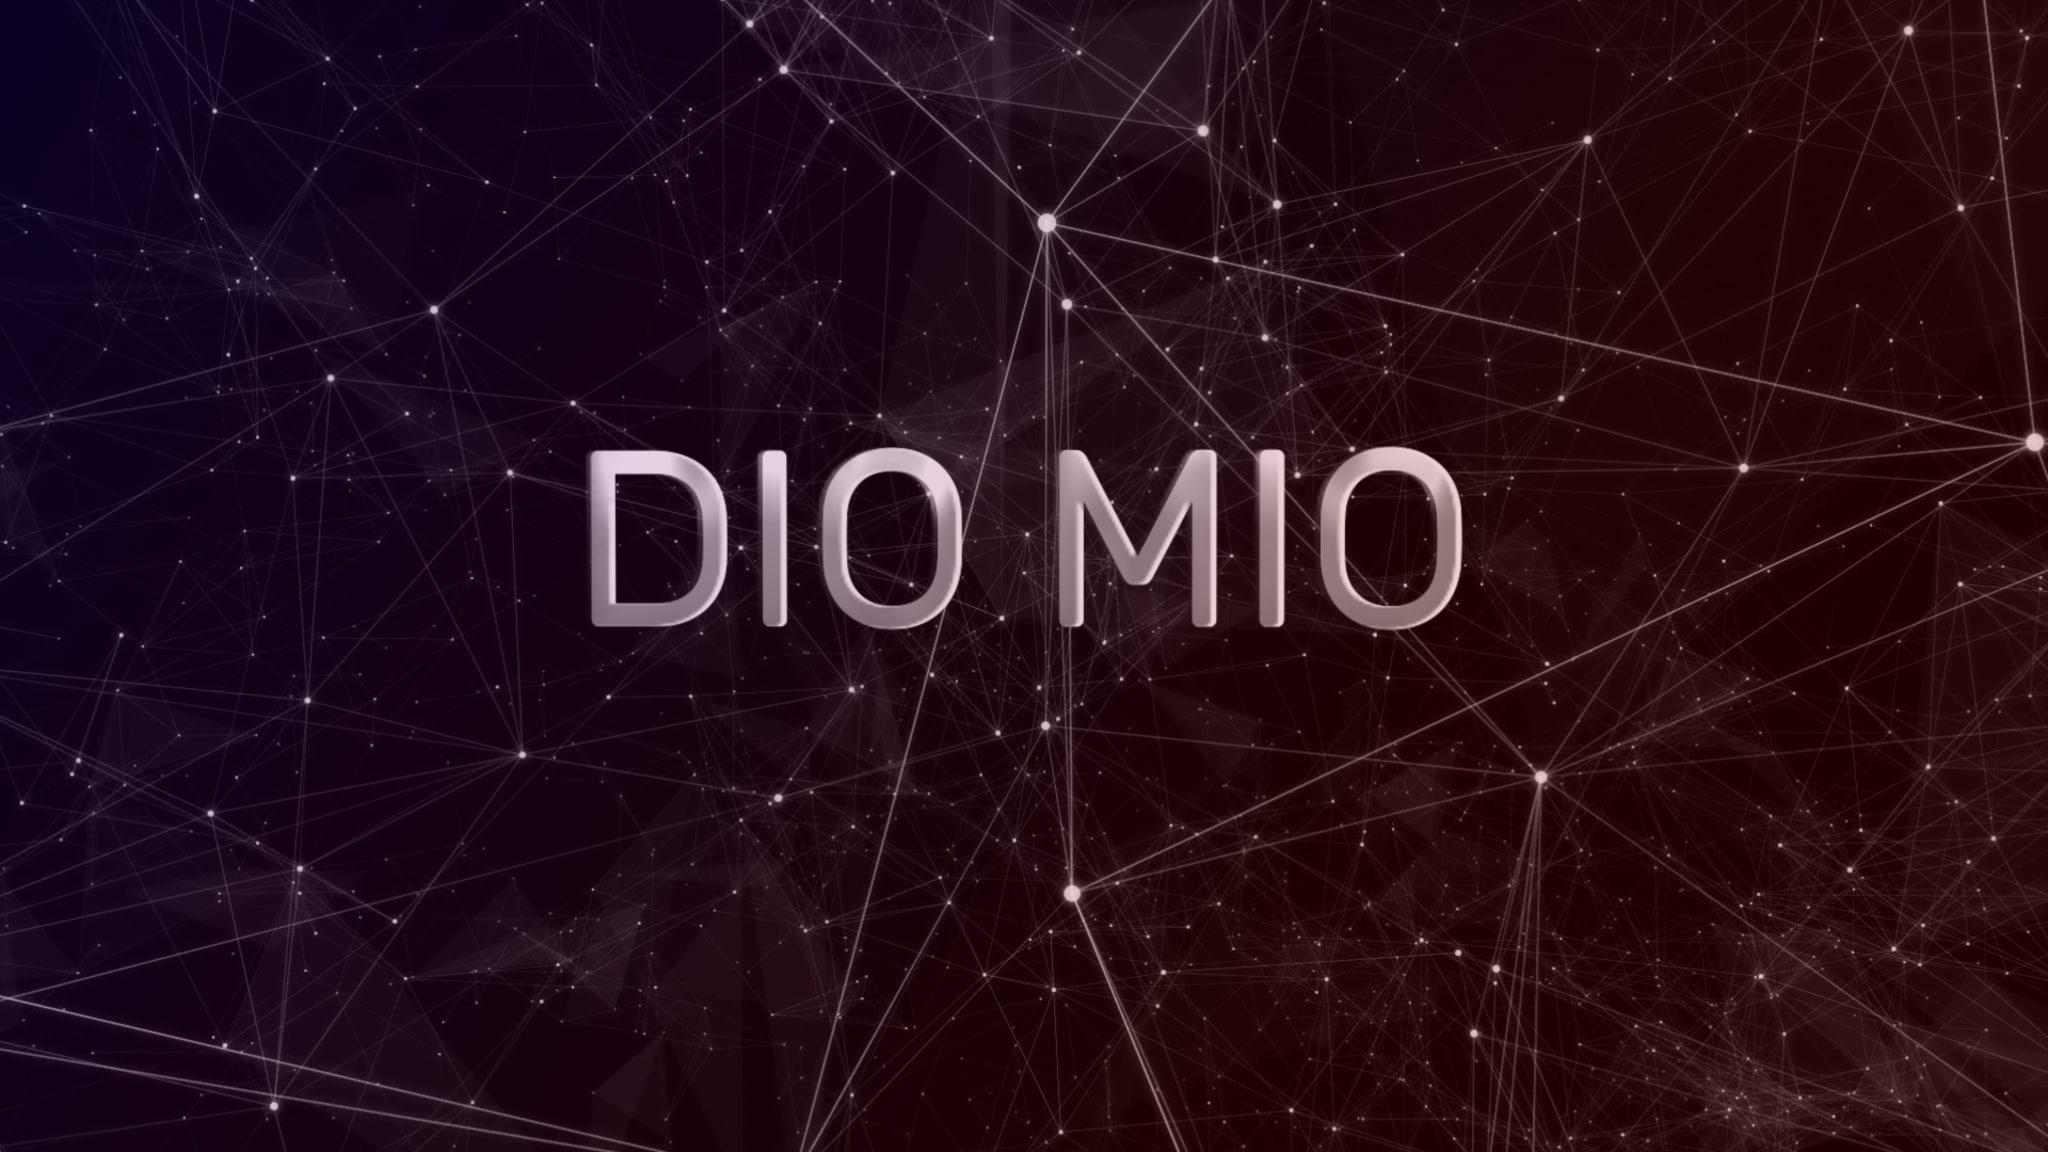 Rai Premium Dio Mio - Carlo Conti e Alessio Boni - 05/06/2021